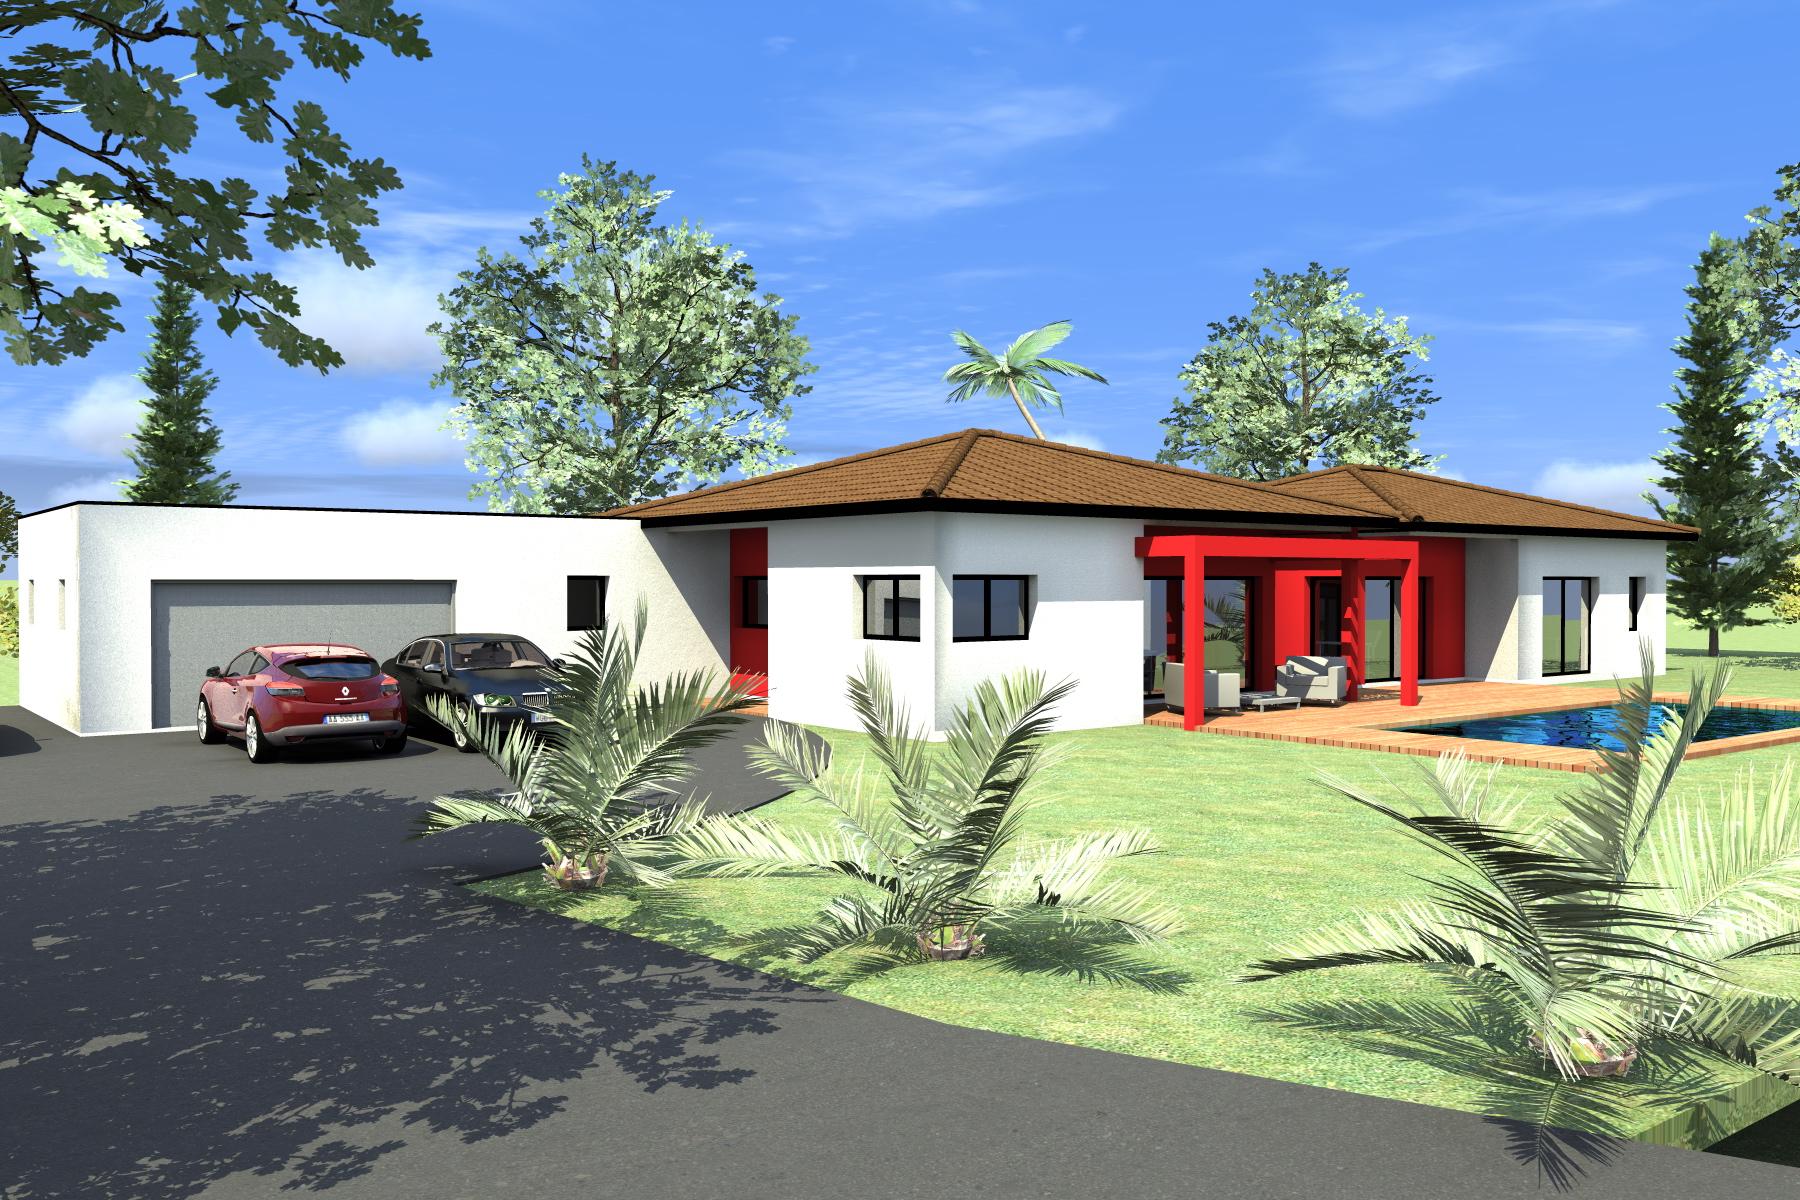 Plan de maison moderne en afrique - Idées de travaux